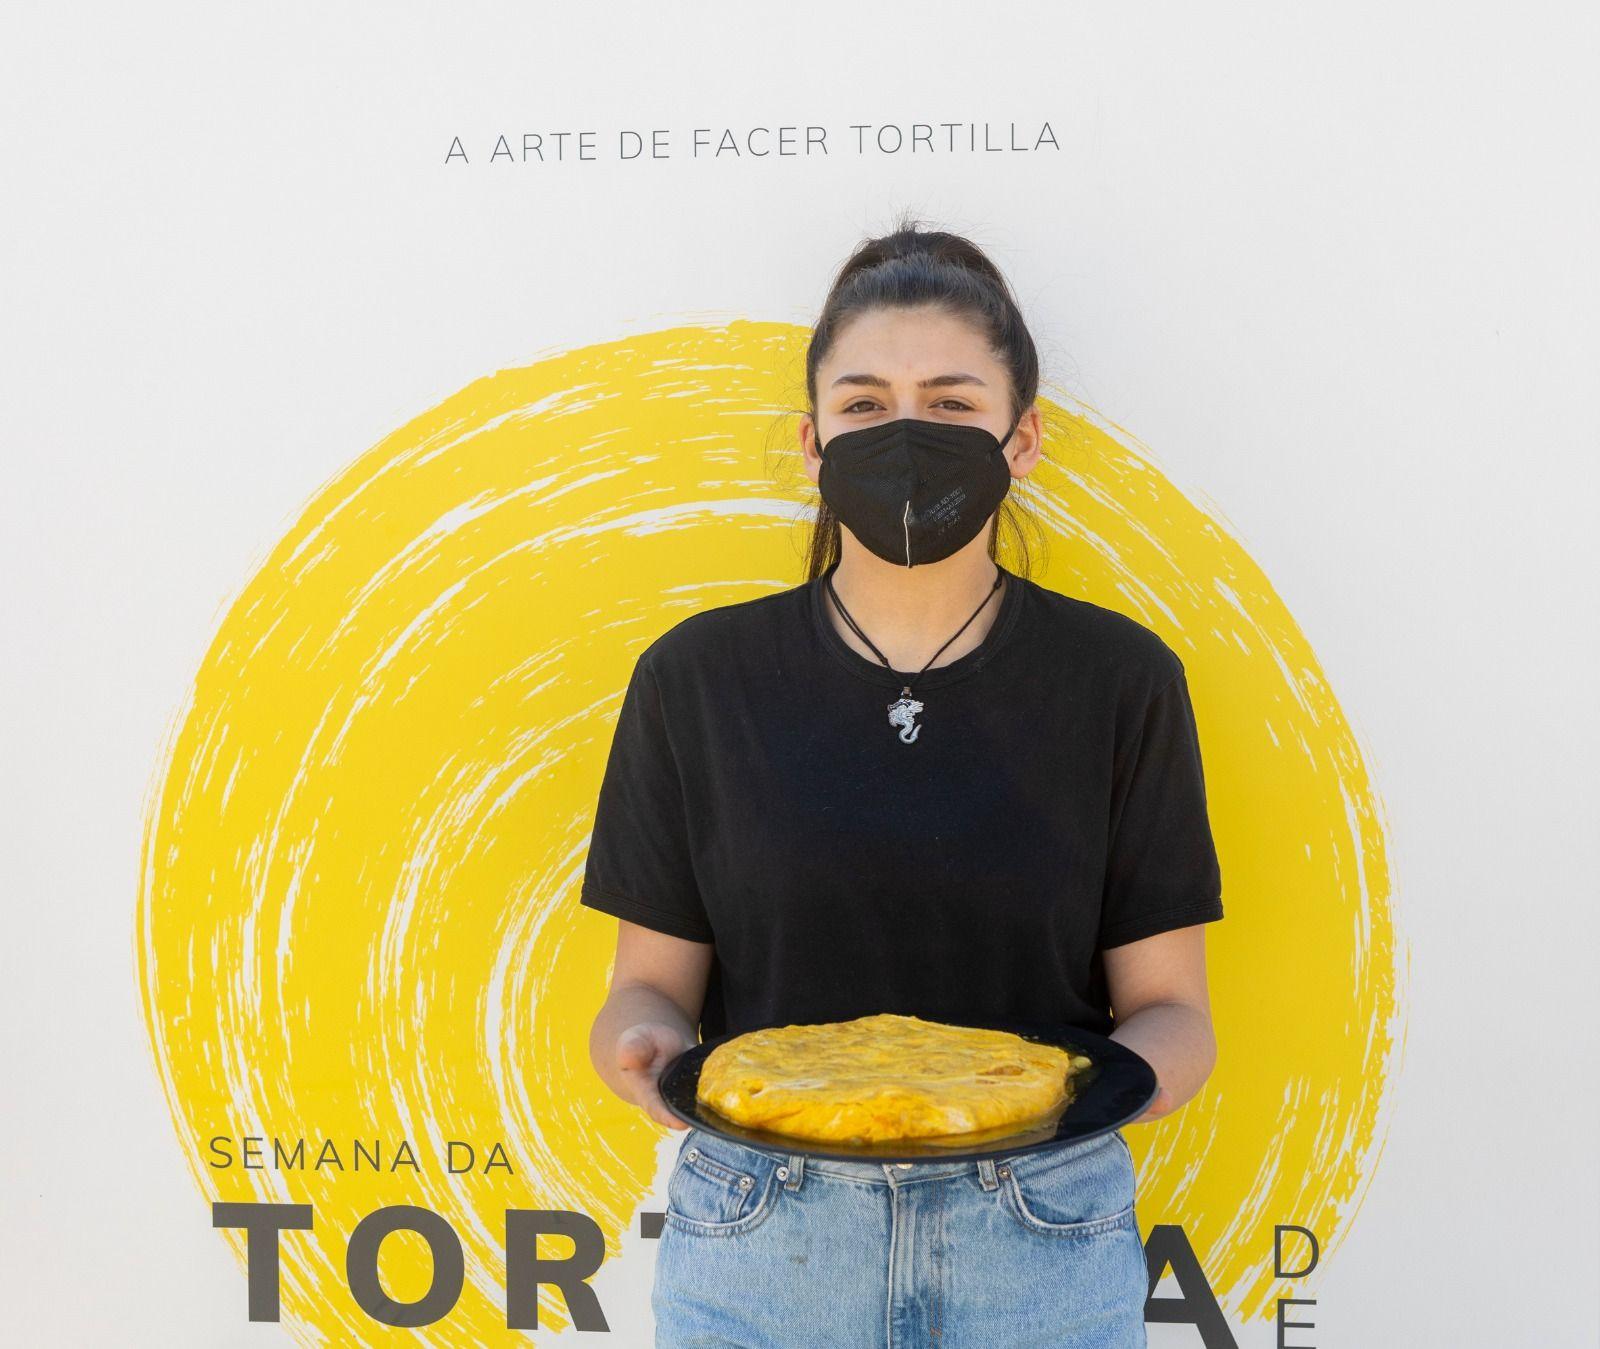 El Bar Galicia, mejor tortilla de Betanzos